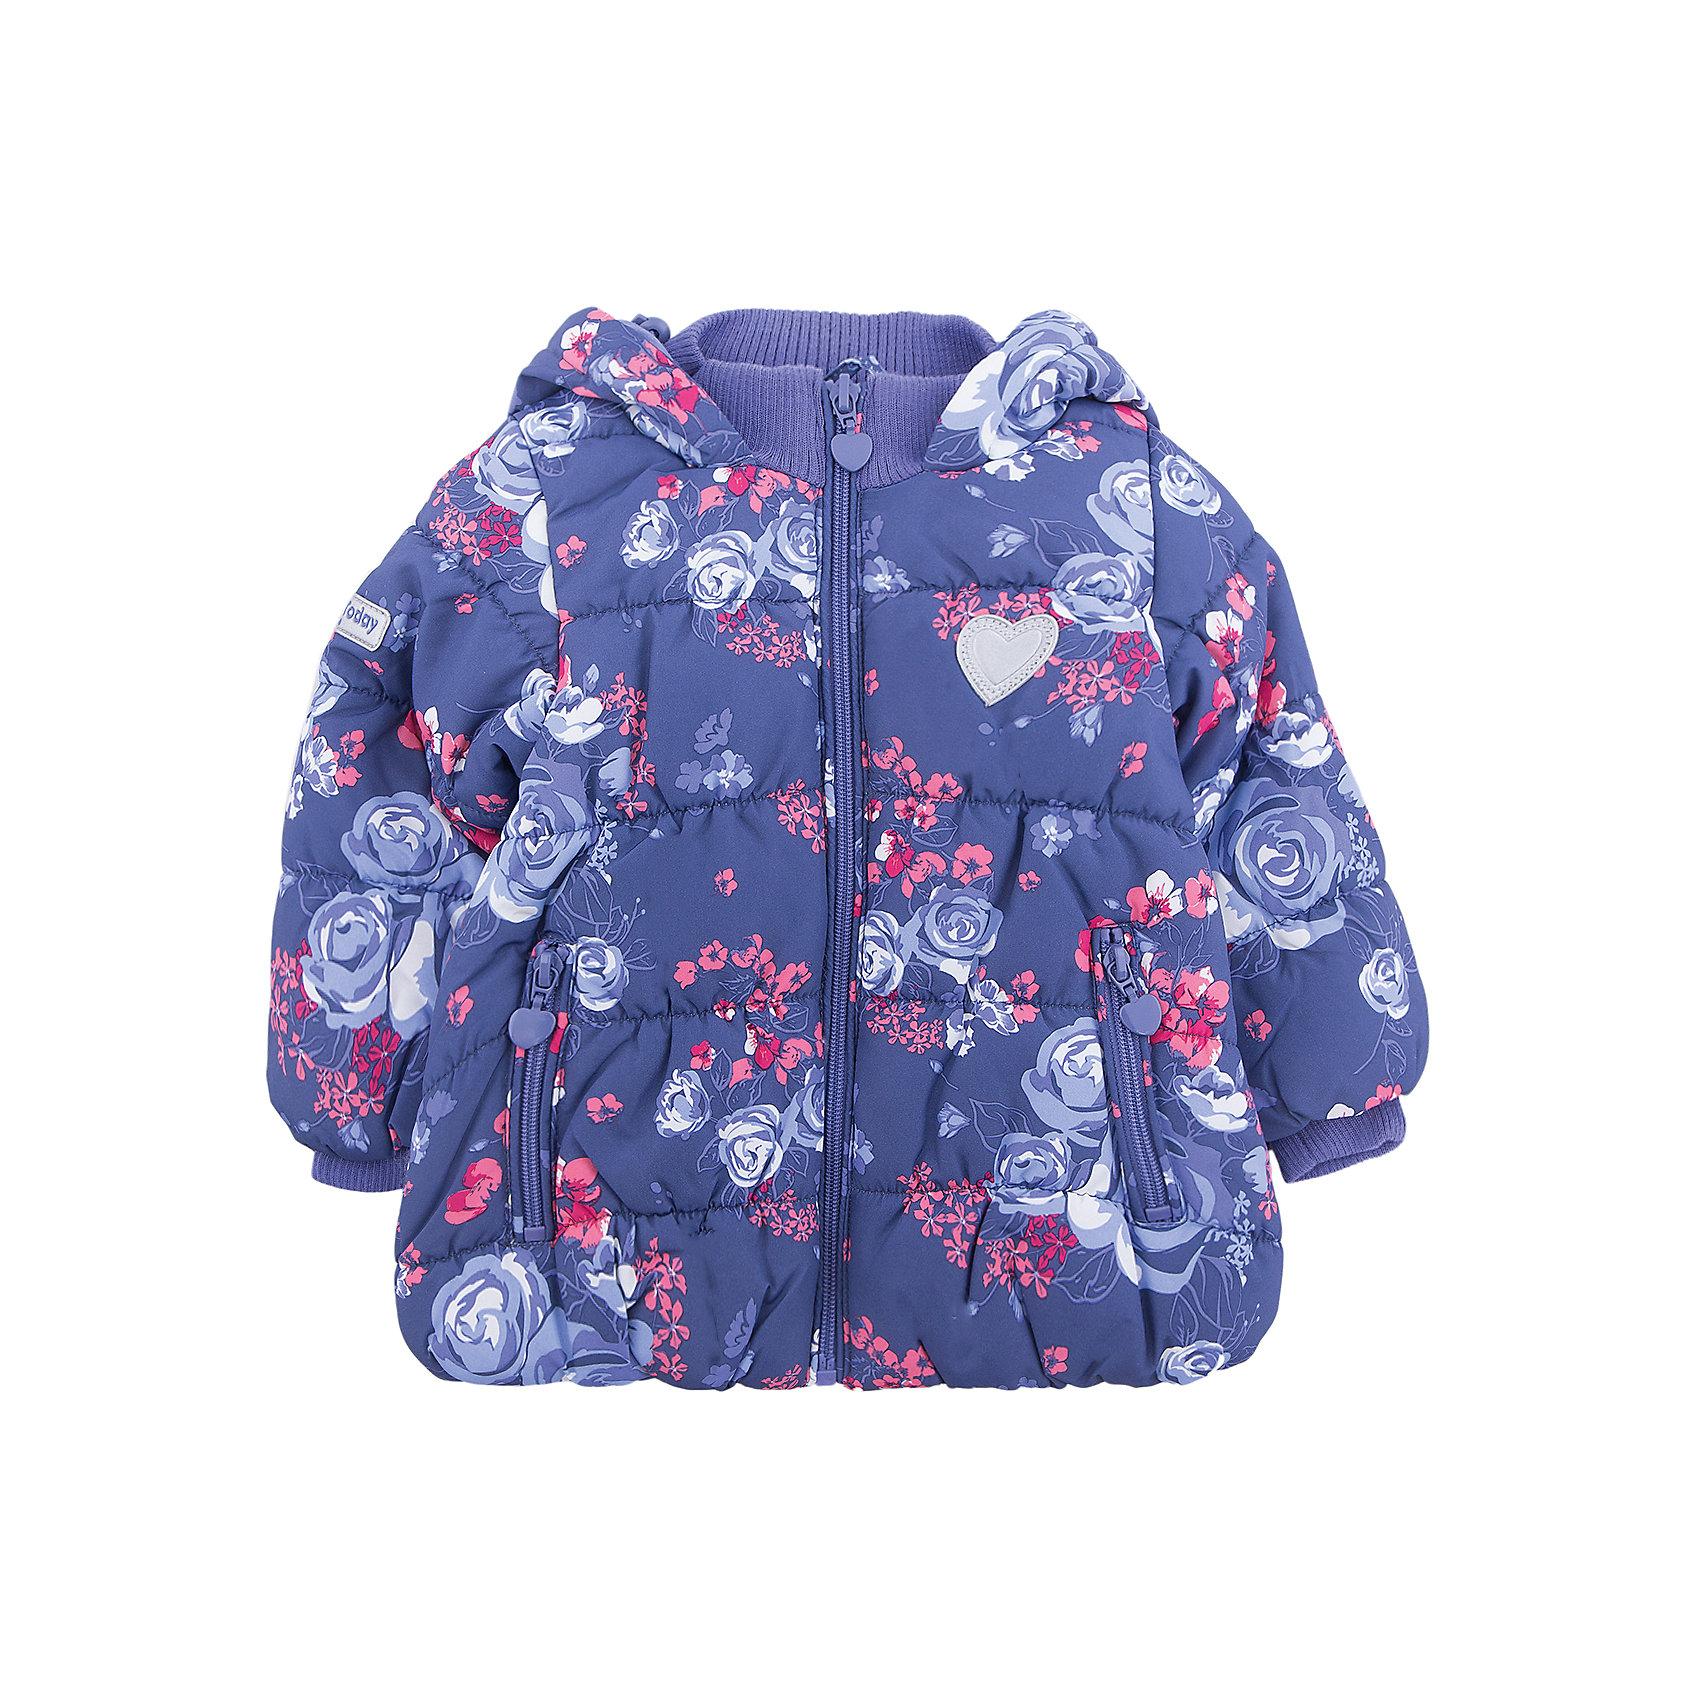 Куртка PlayToday для девочкиВерхняя одежда<br>Куртка PlayToday для девочки<br>Утепленная куртка из ткани с ярким цветочным принтом и водоооталкивающей пропиткой - отличное решение для промозглой погоды. Вшивной капюшон дополнен регулируемым шнуром - кулиской. Трикотажные резинки на горловине и манжетах для дополнительного сохранения тепла. Хлопковая подкладка хорошо впитывает лишнюю влагу. Куртка дополнена карманами на молнии. Светоотражатели обеспечат видимость ребенка в темное время суток.<br>Состав:<br>Верх: 100% полиэстер, подкладка: 60% хлопок, 40% полиэстер, наполнитель: 100% полиэстер, 250 г/м2<br><br>Ширина мм: 356<br>Глубина мм: 10<br>Высота мм: 245<br>Вес г: 519<br>Цвет: белый<br>Возраст от месяцев: 18<br>Возраст до месяцев: 24<br>Пол: Женский<br>Возраст: Детский<br>Размер: 92,74,80,86<br>SKU: 7110096